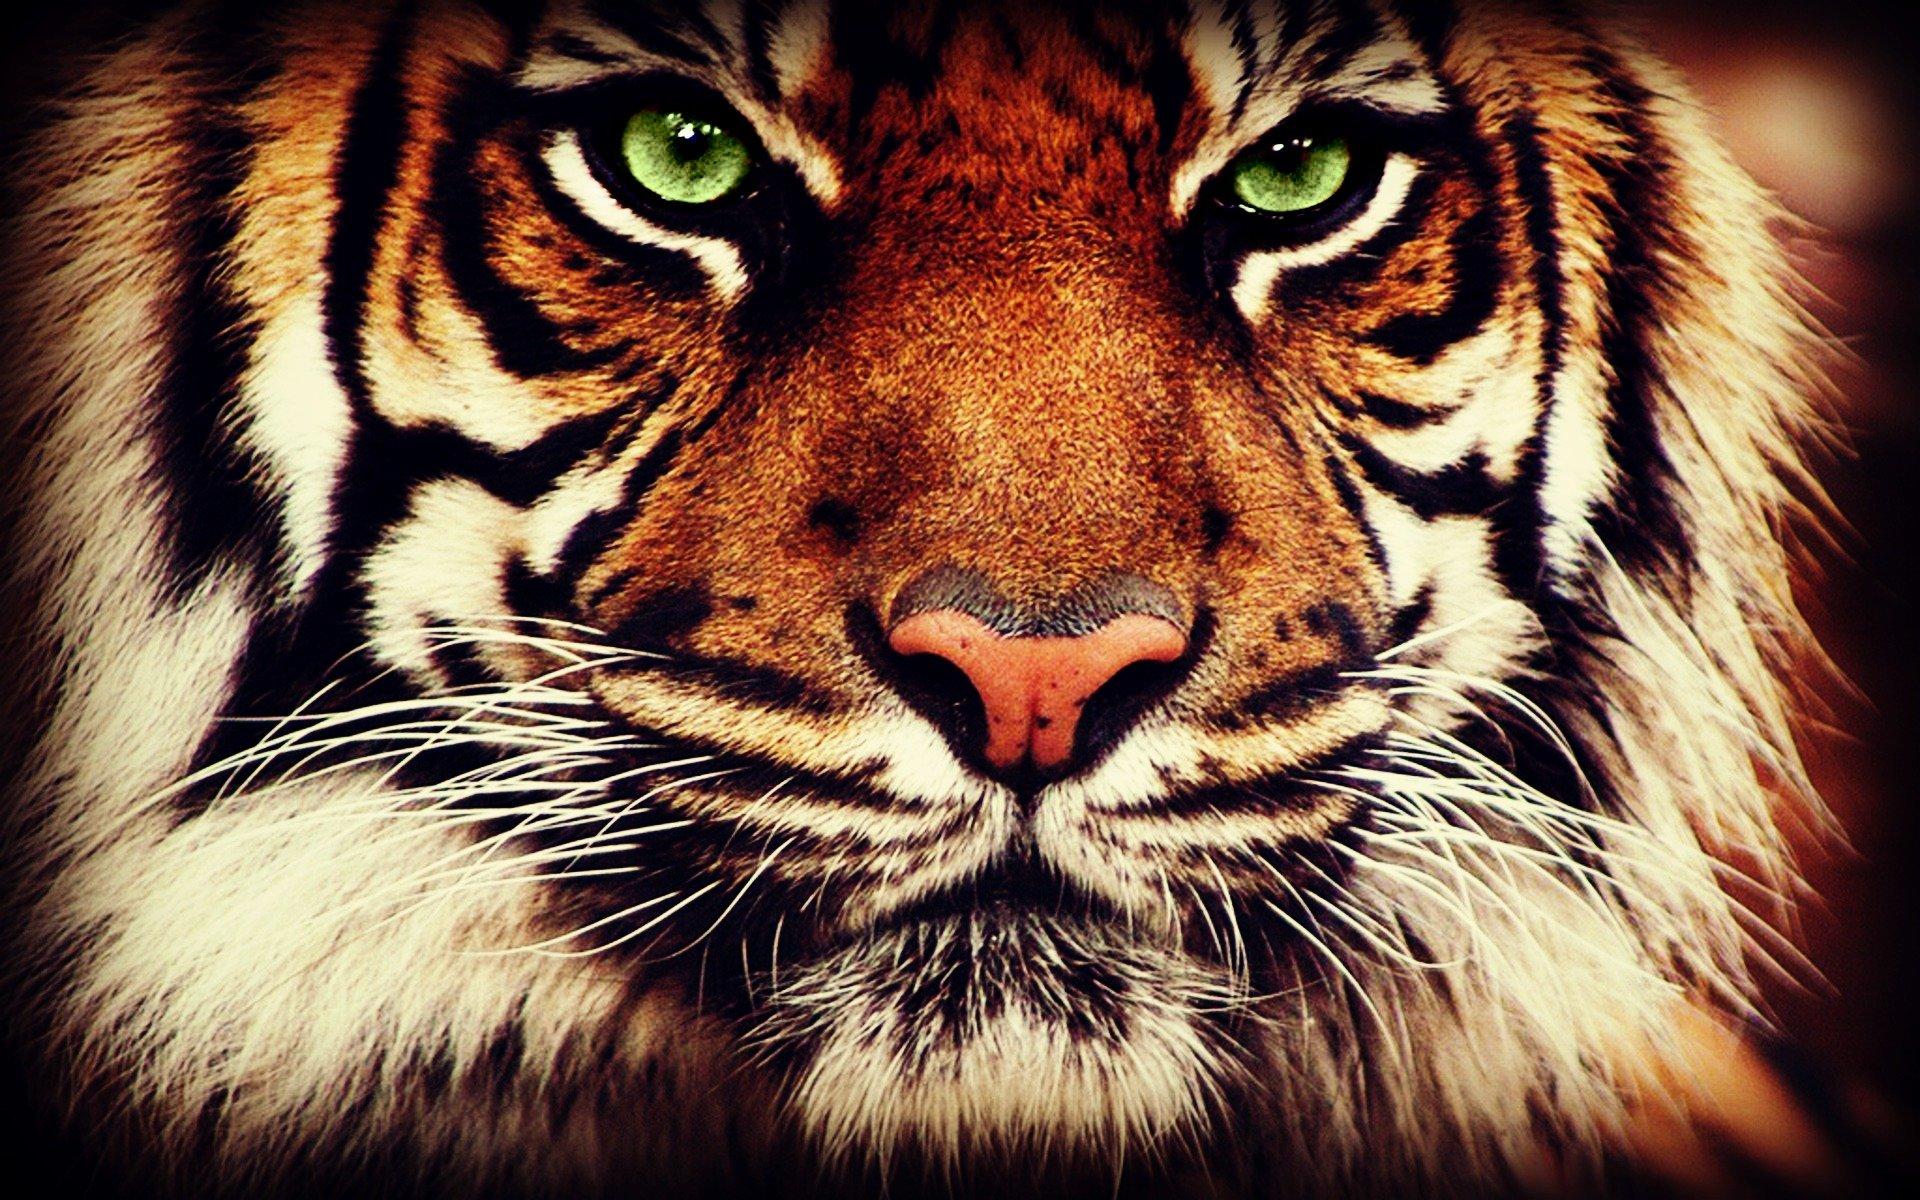 Tiger Face Wallpaper - WallpaperSafari